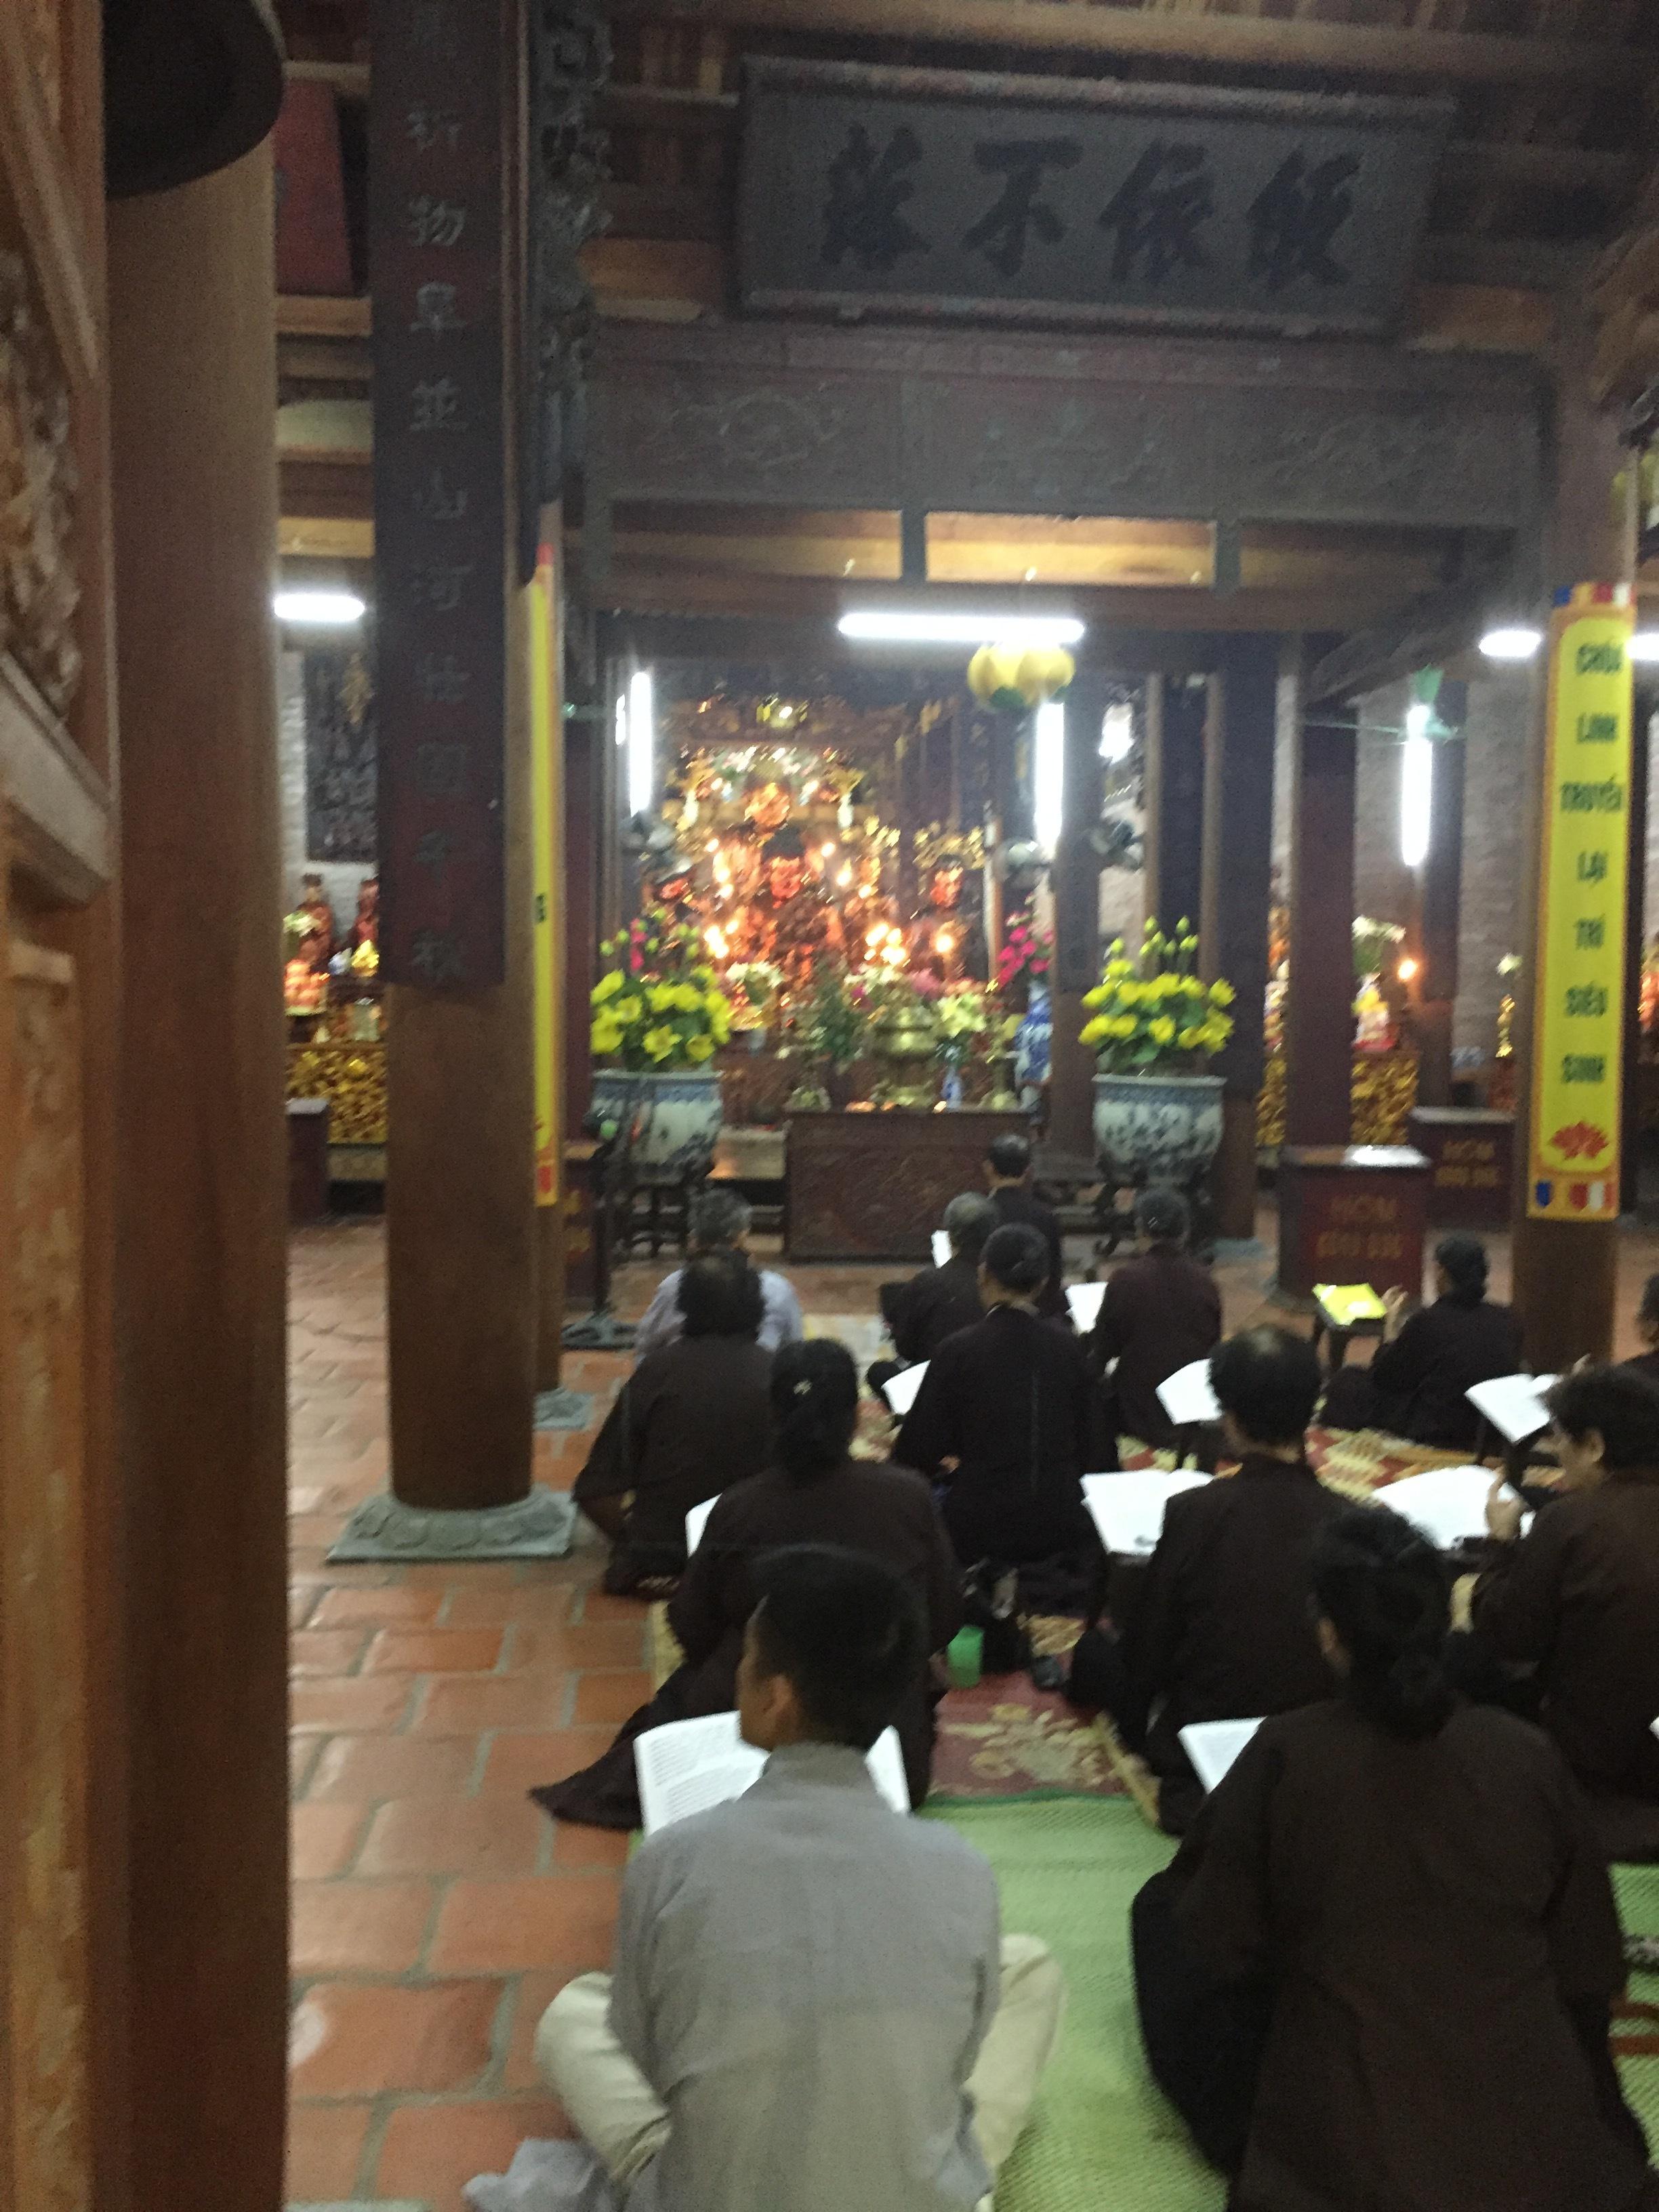 Temple service